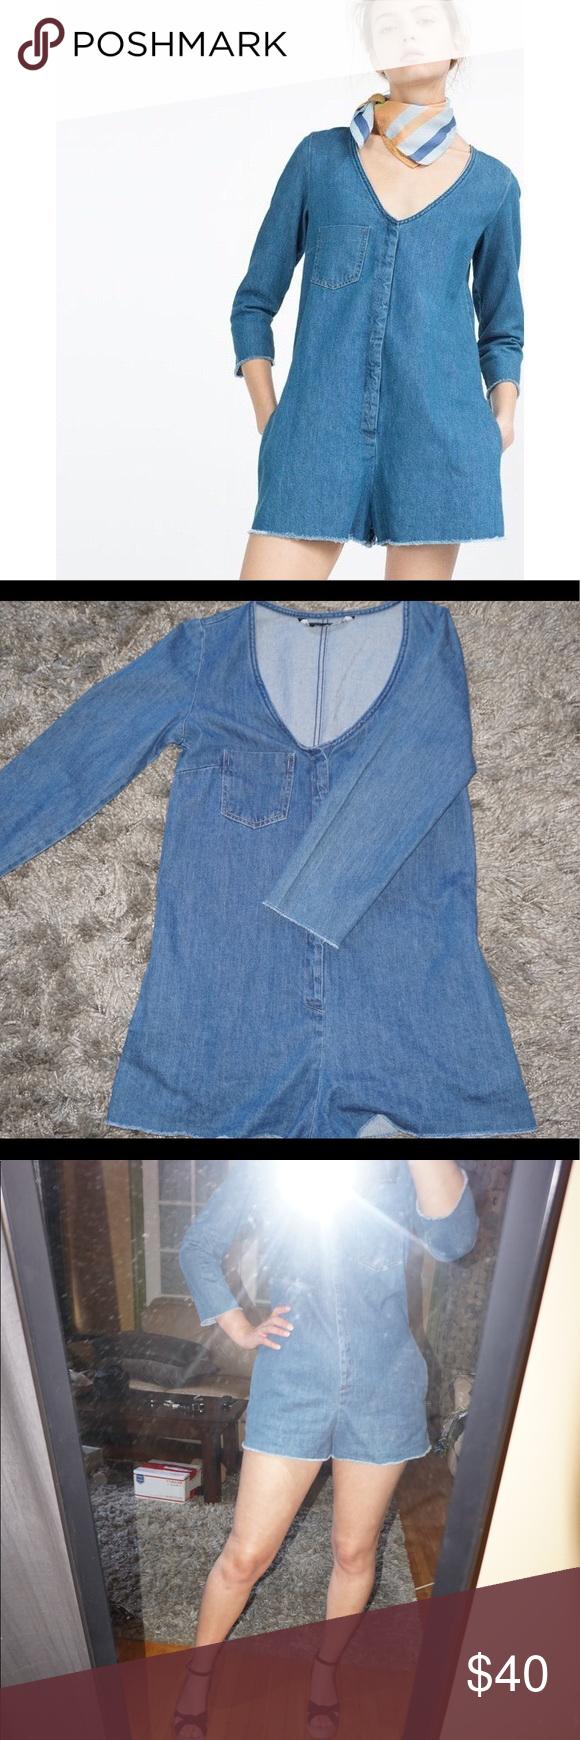 78e2dcf4c64f Zara Trafaluc Denium Romper Jumpsuit